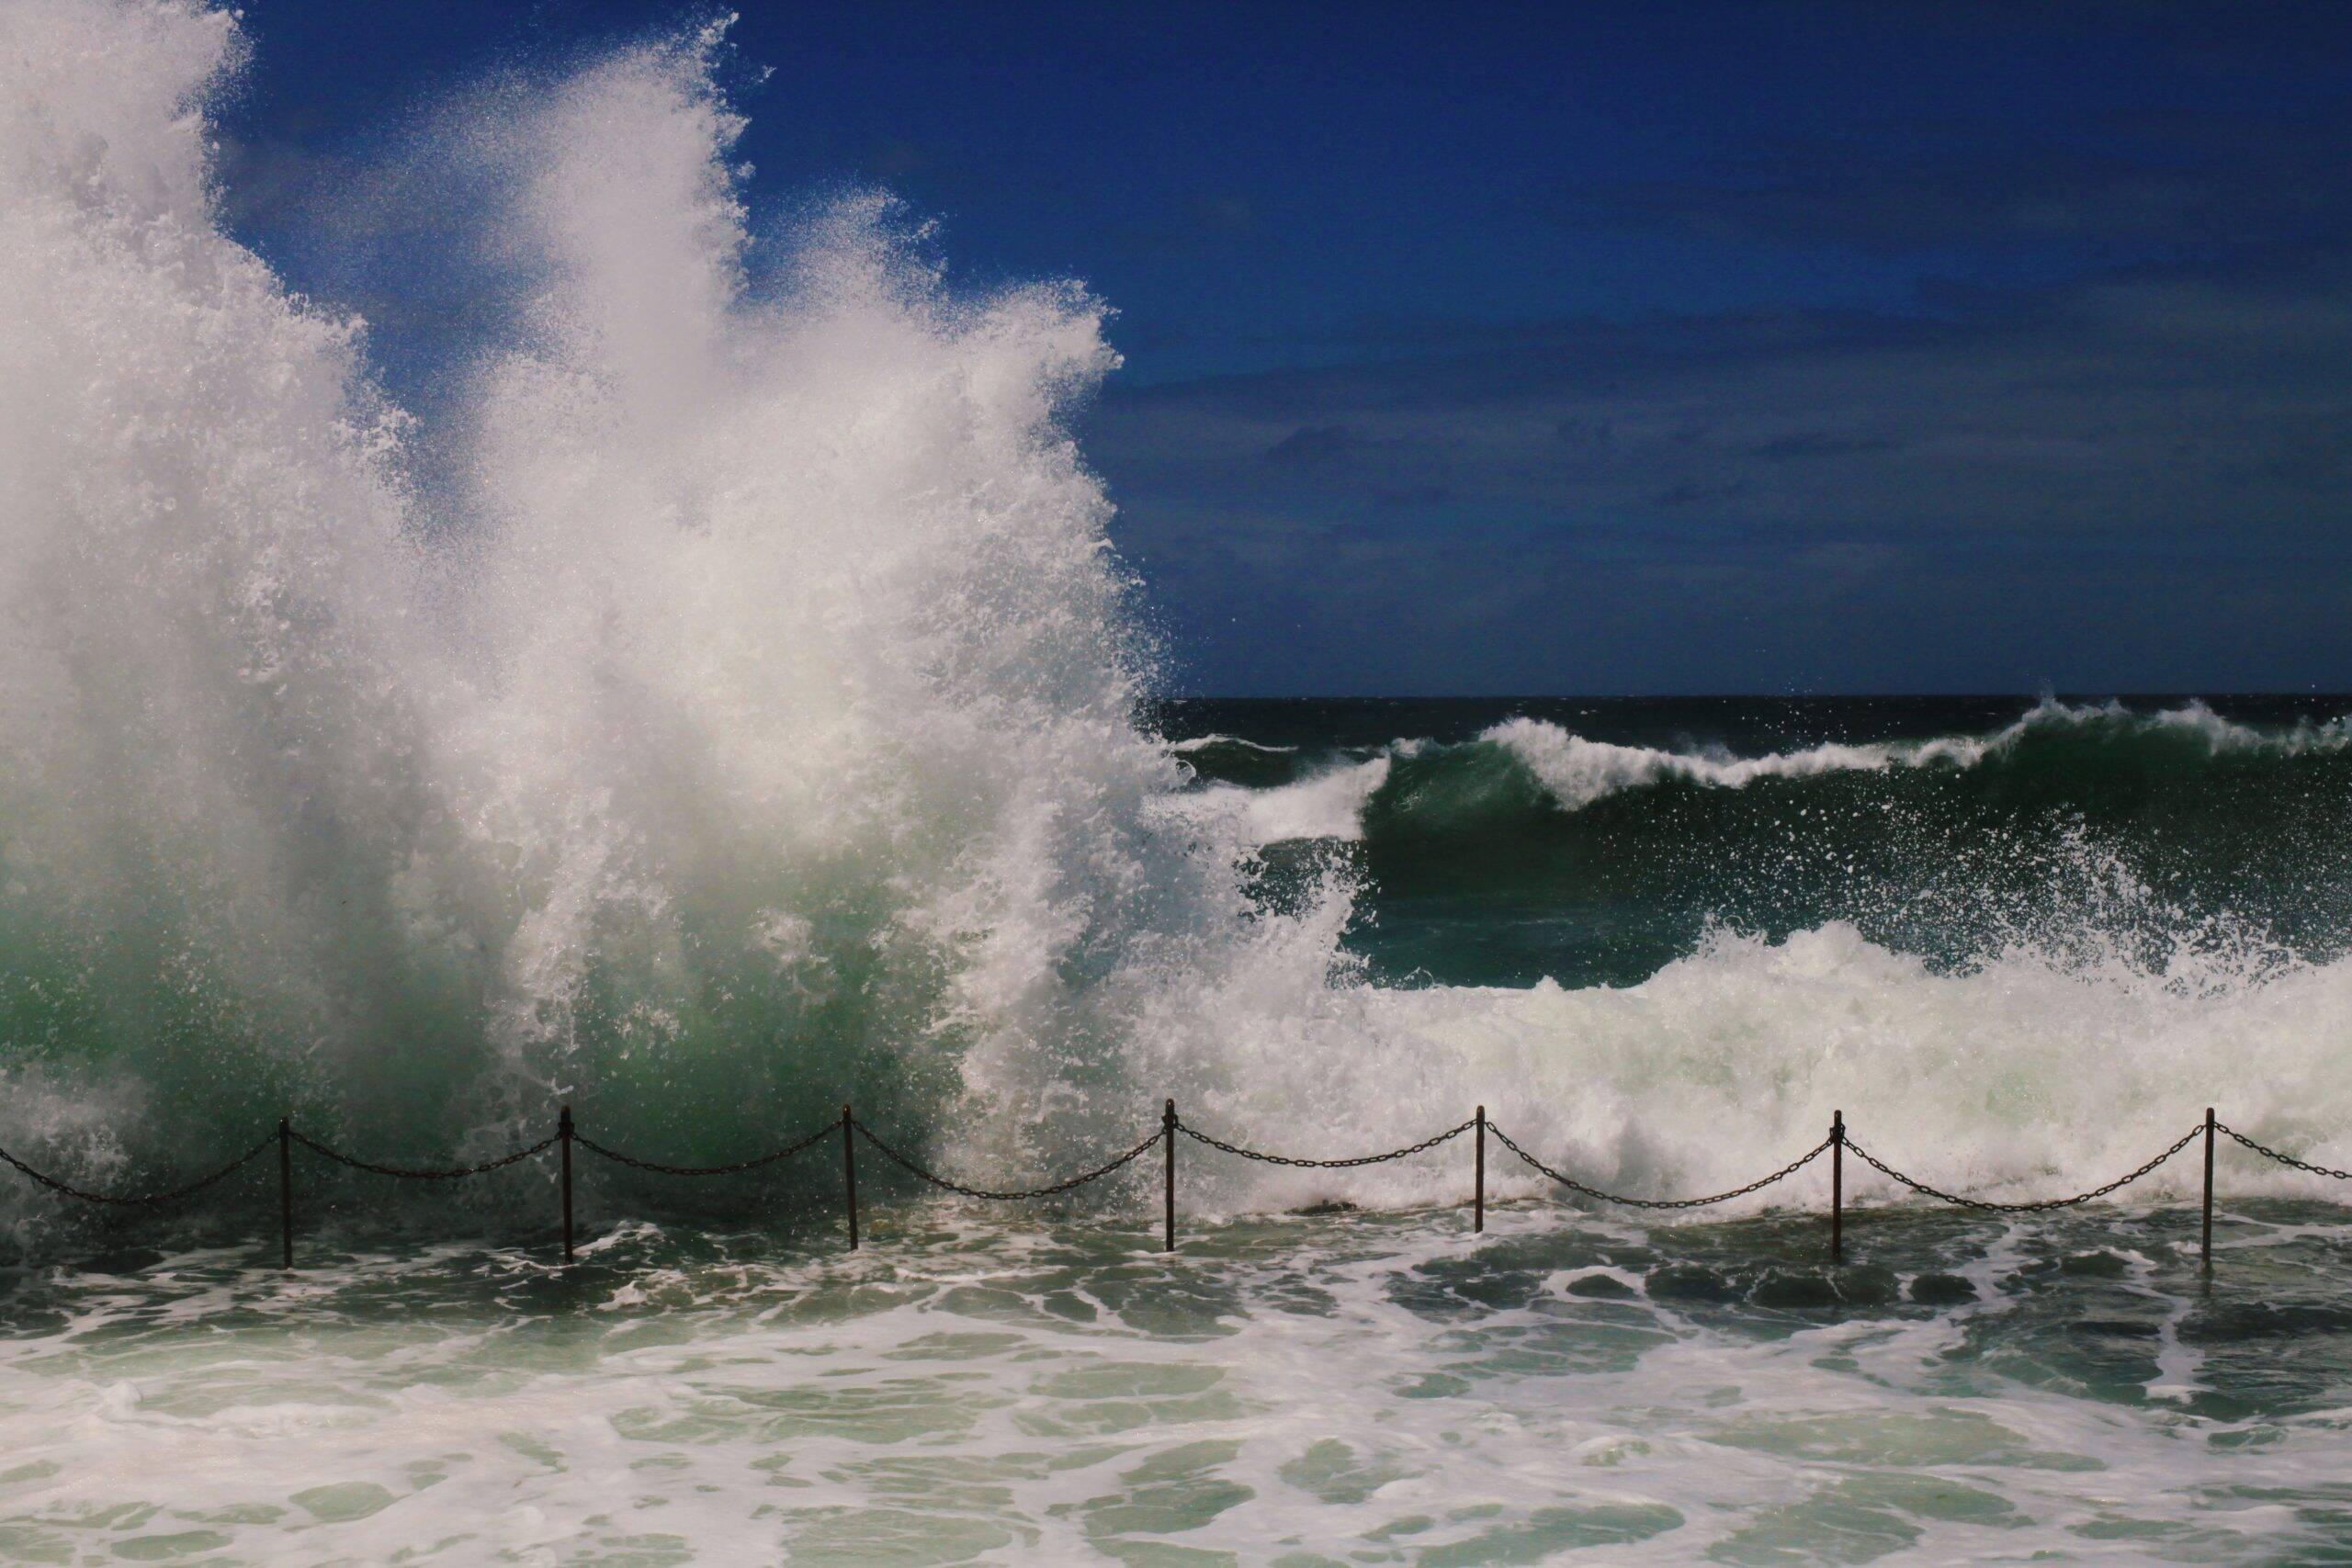 Segundo informações, as ondas de 30 metros atingiram a capital de Portugal, a Espanha e também Marrocos. (Foto: Unsplash)